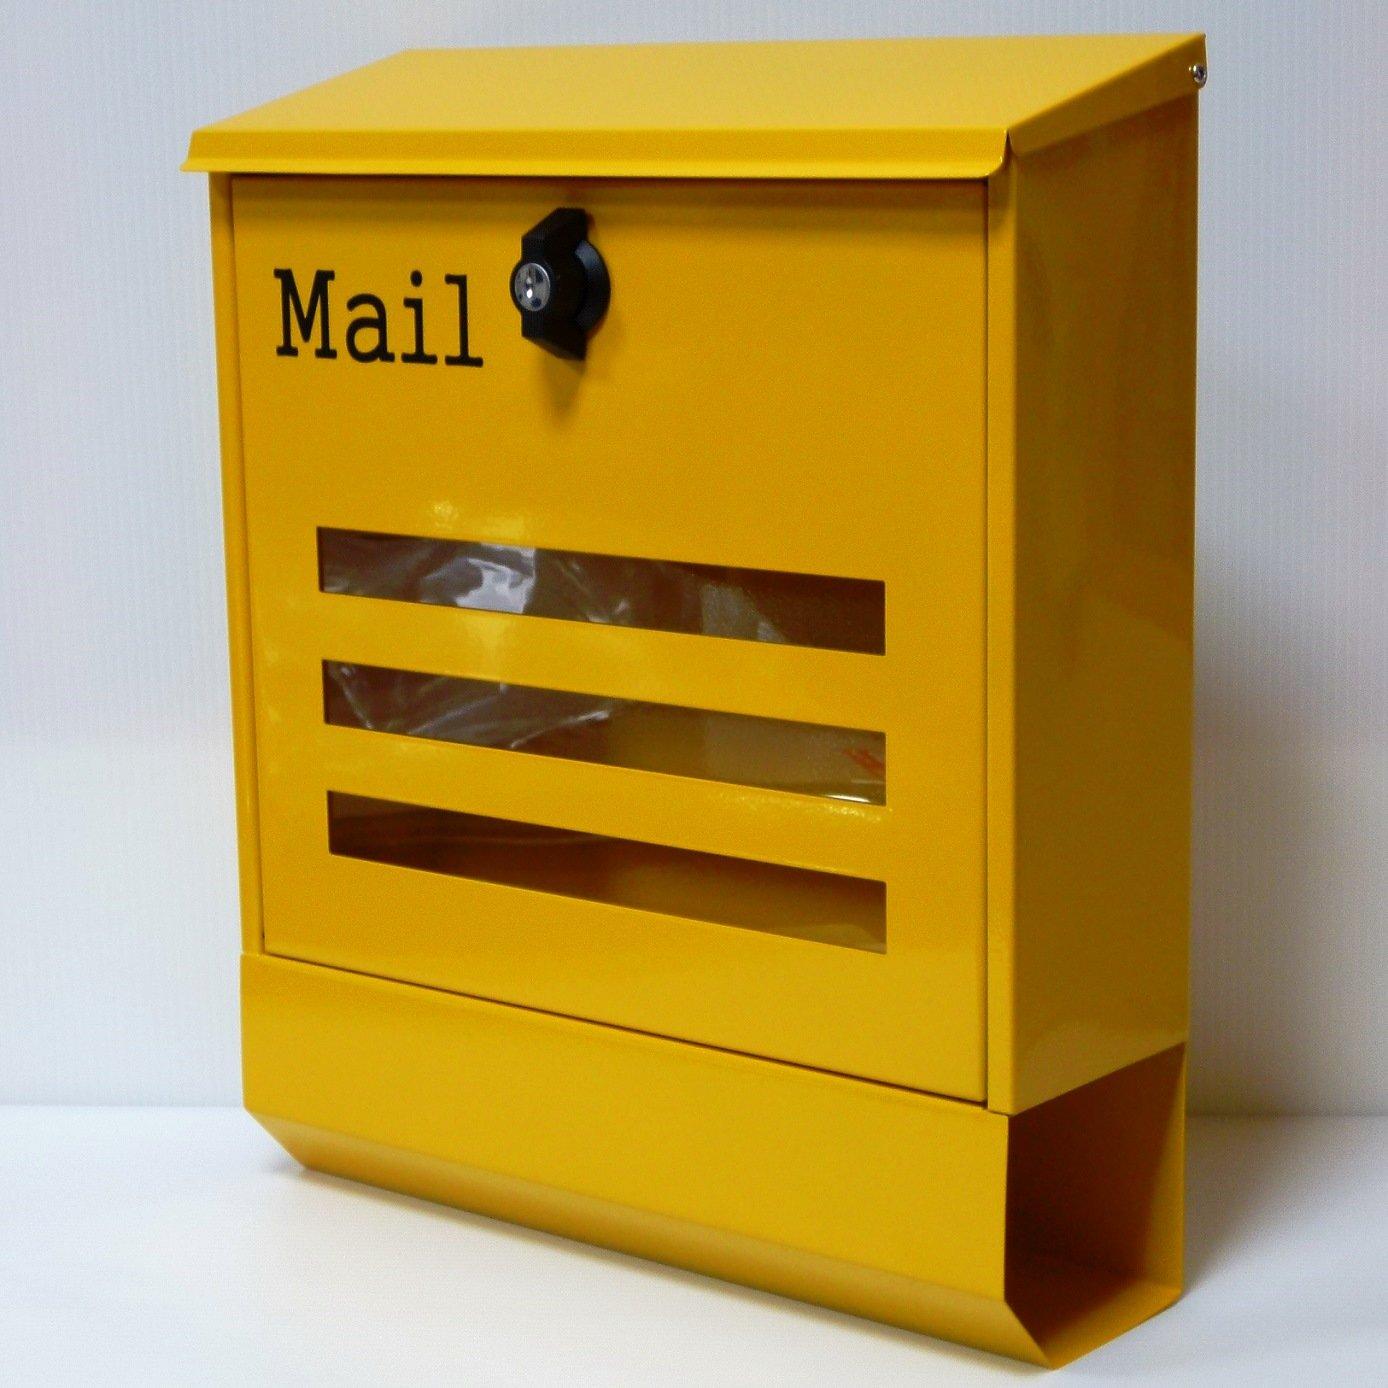 郵便ポスト郵便受け北欧風大型メールボックス 壁掛けプレミアムステンレス黄色ポストpm144 B071LJB6GT 12880